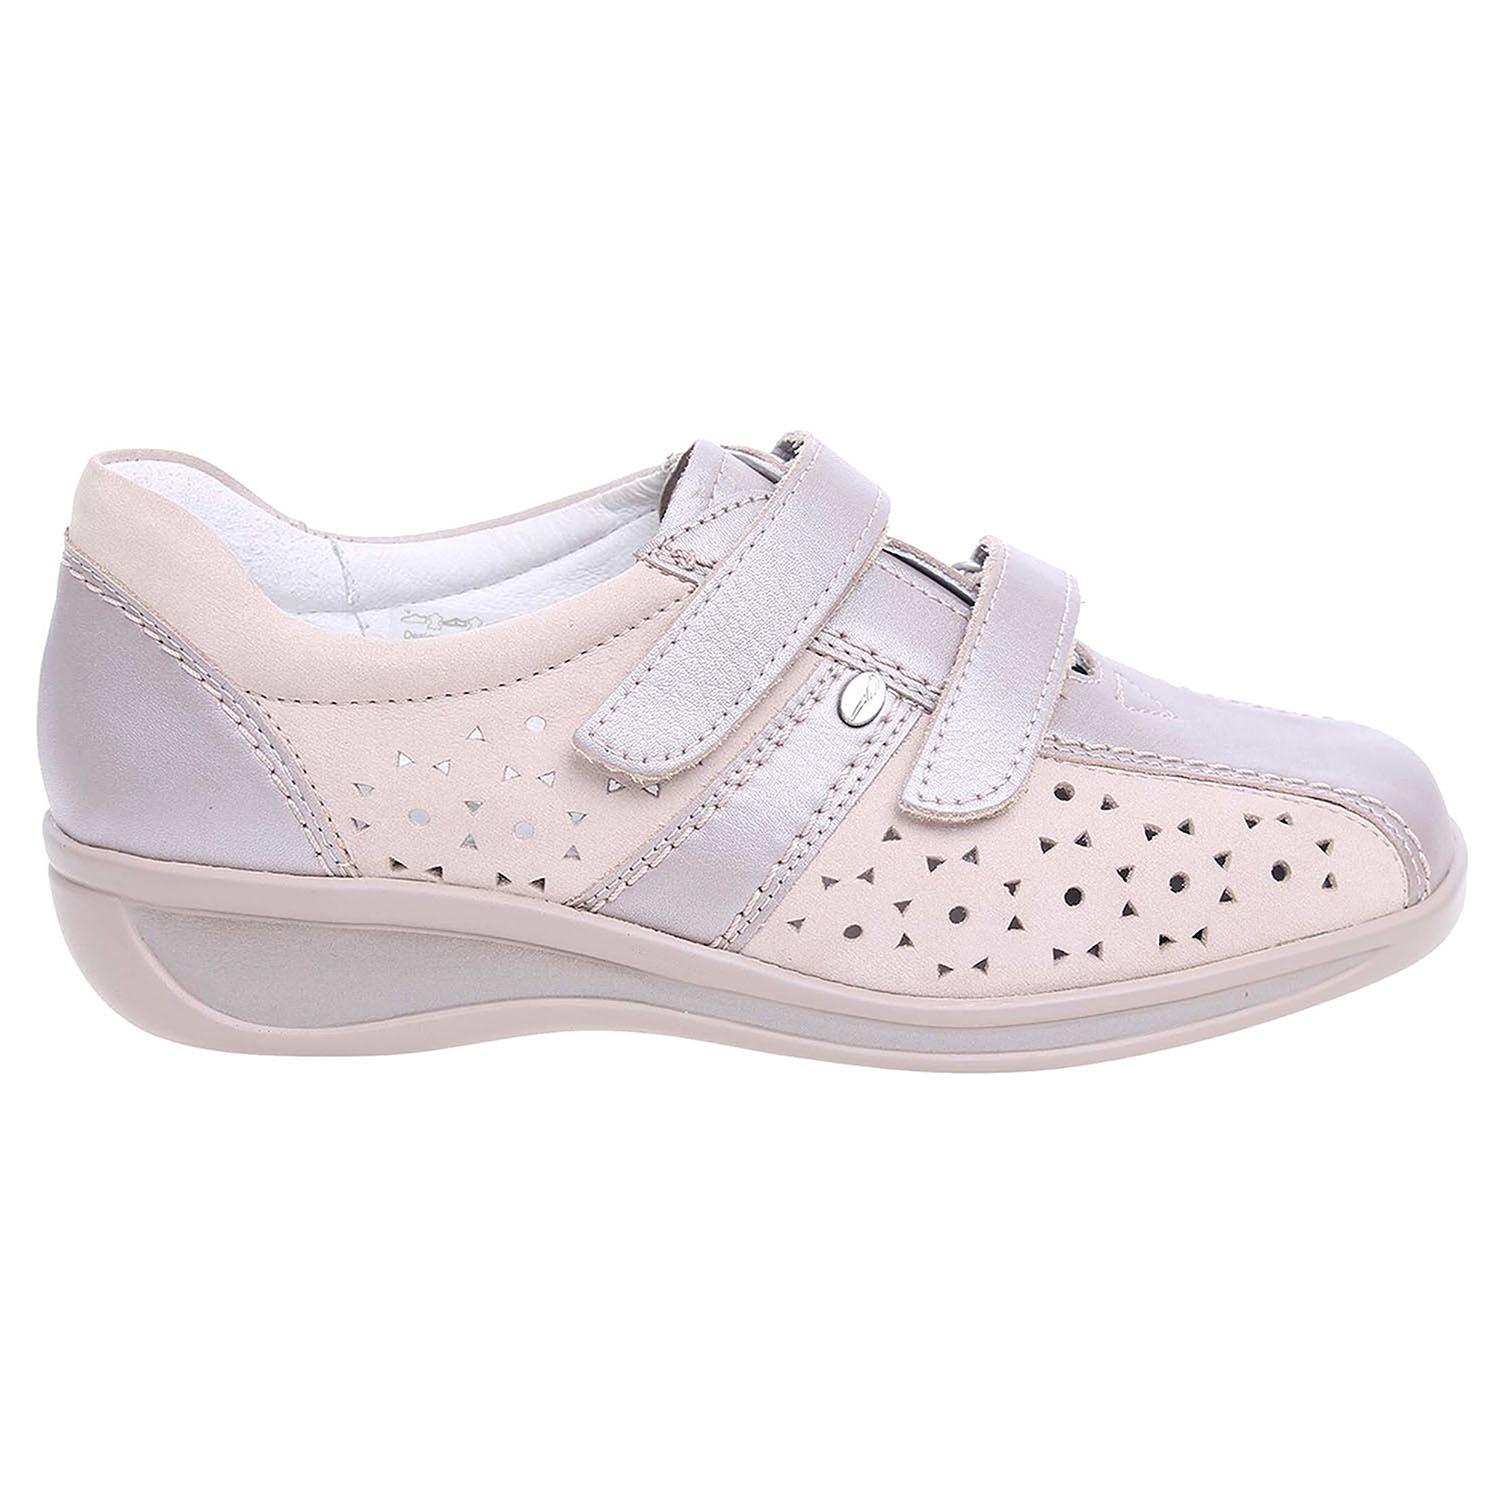 Ara dámská obuv 36387-12 šedá 37